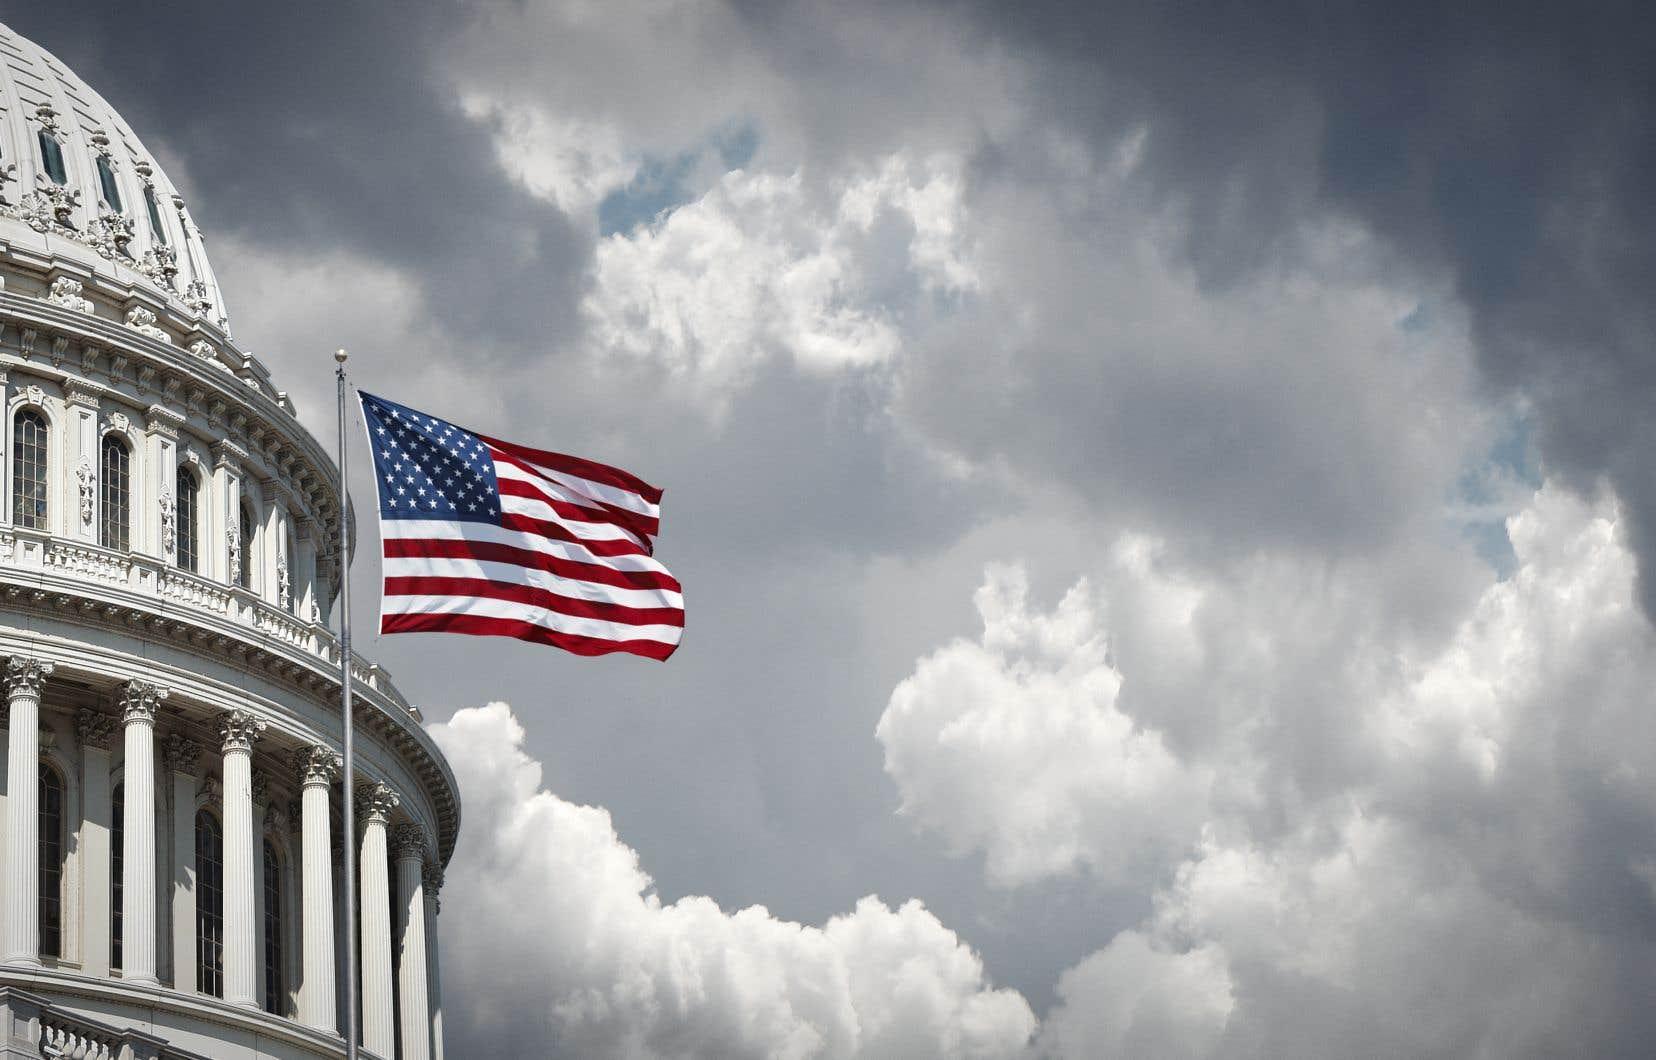 Les républicains détiennent actuellement la majorité au Sénat, avec 53 sièges sur 100. Trente-cinq sièges étaient en jeu lors des élections présidentielles et parlementaires de mardi.